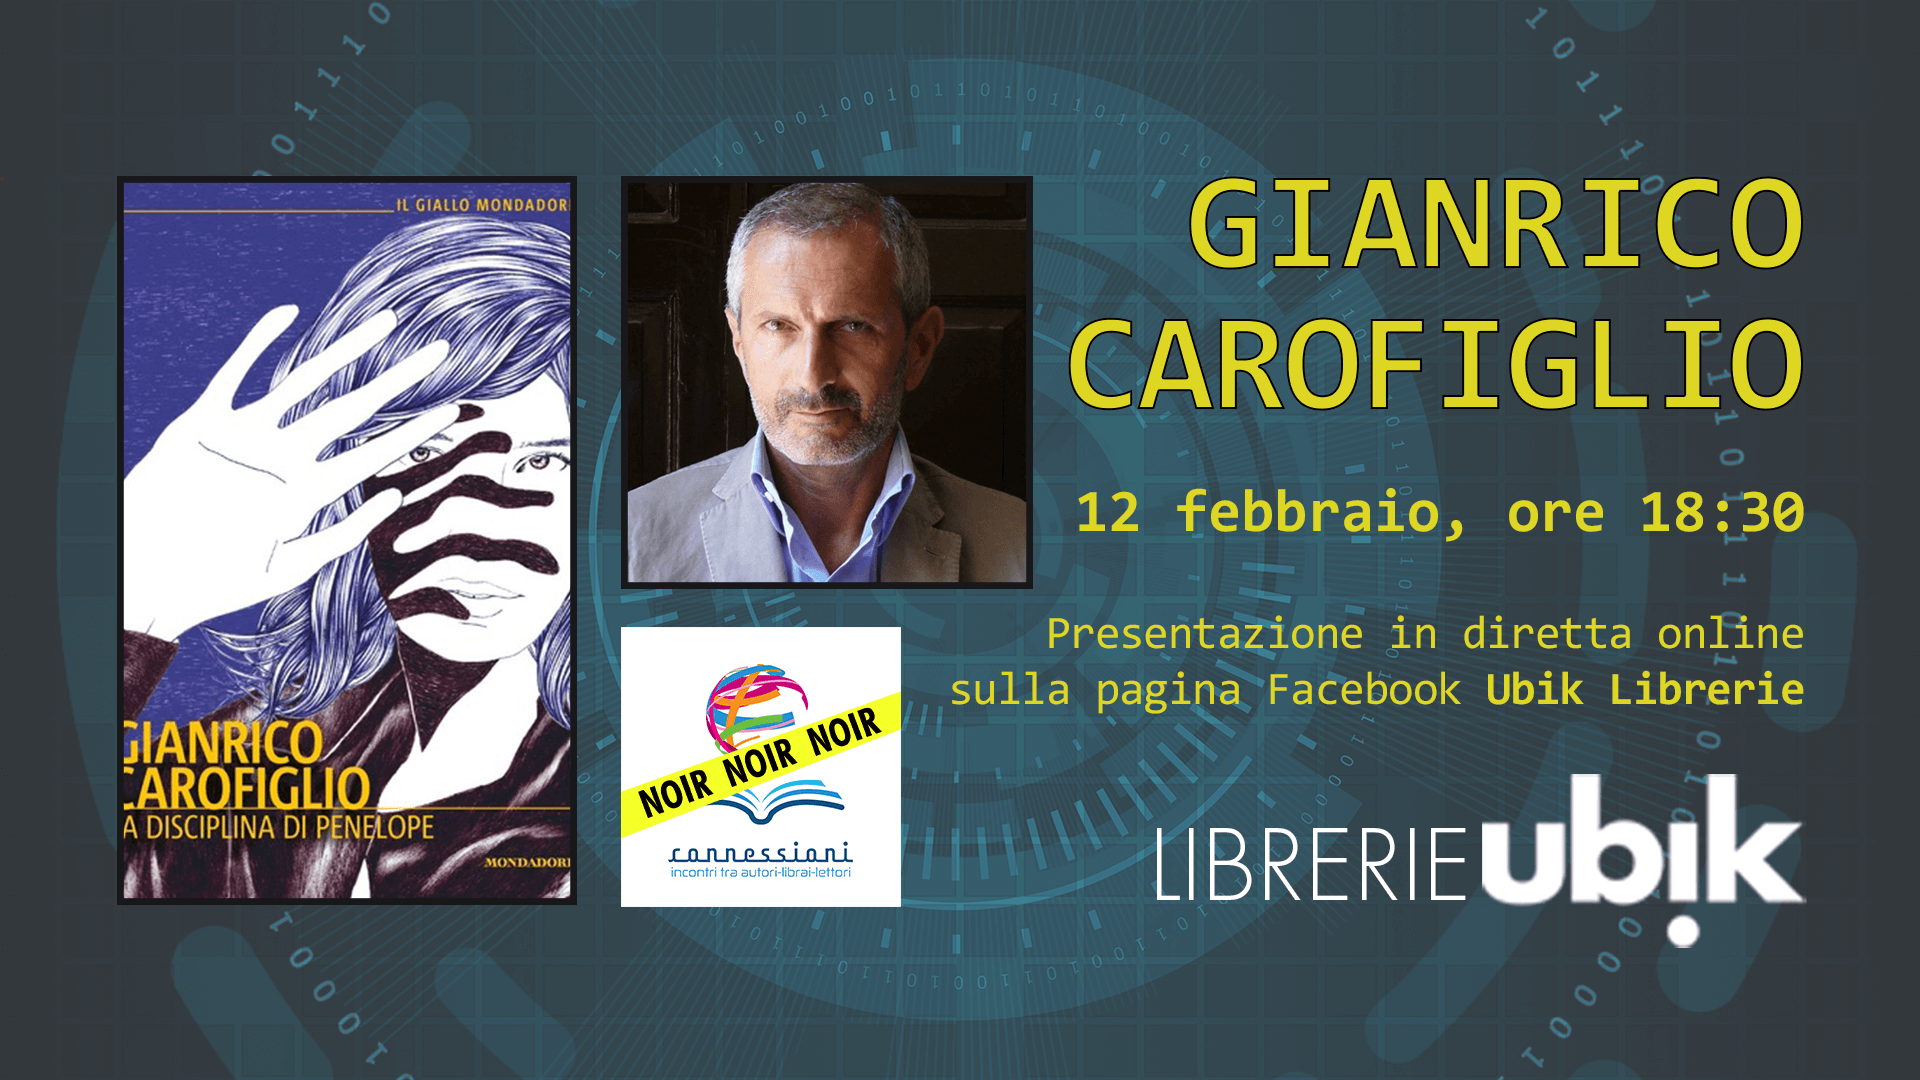 GIANRICO CAROFIGLIO presenta in diretta online